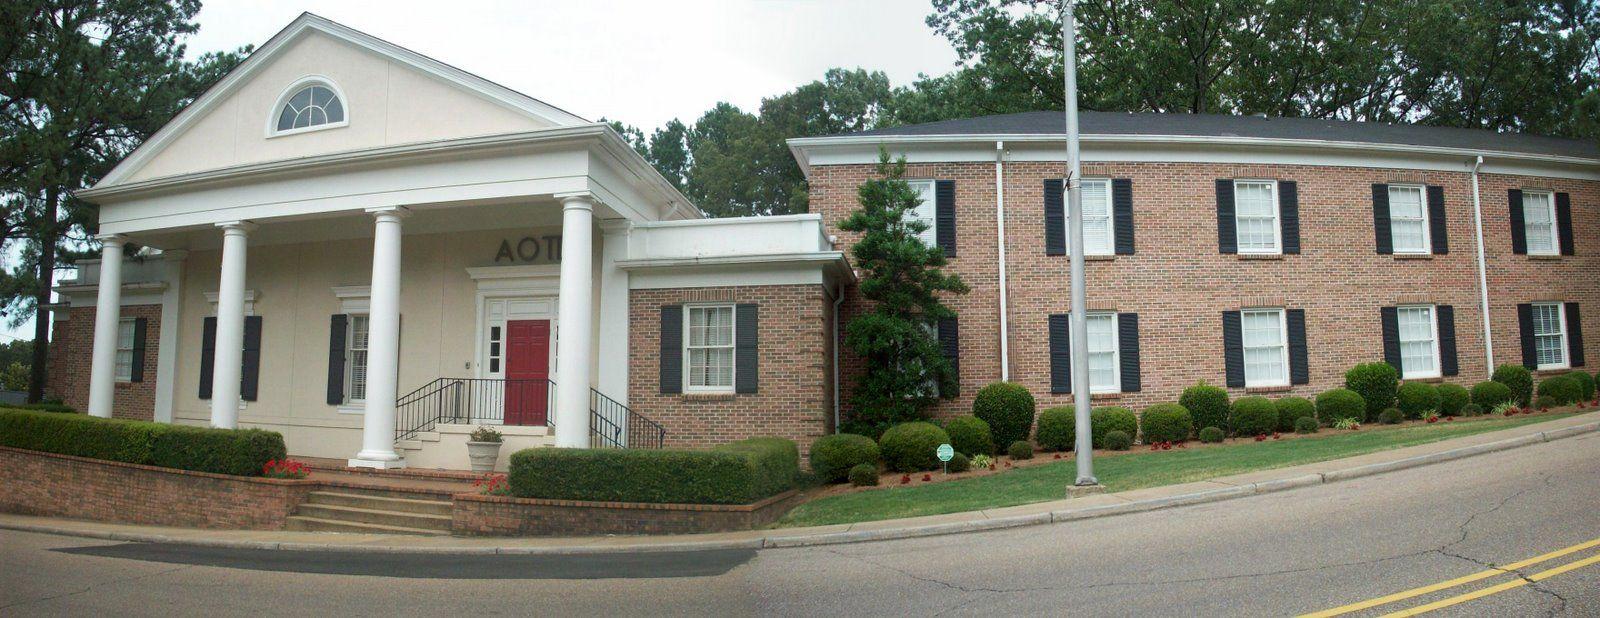 University of Mississippi   AOII Chapter Houses   Pinterest